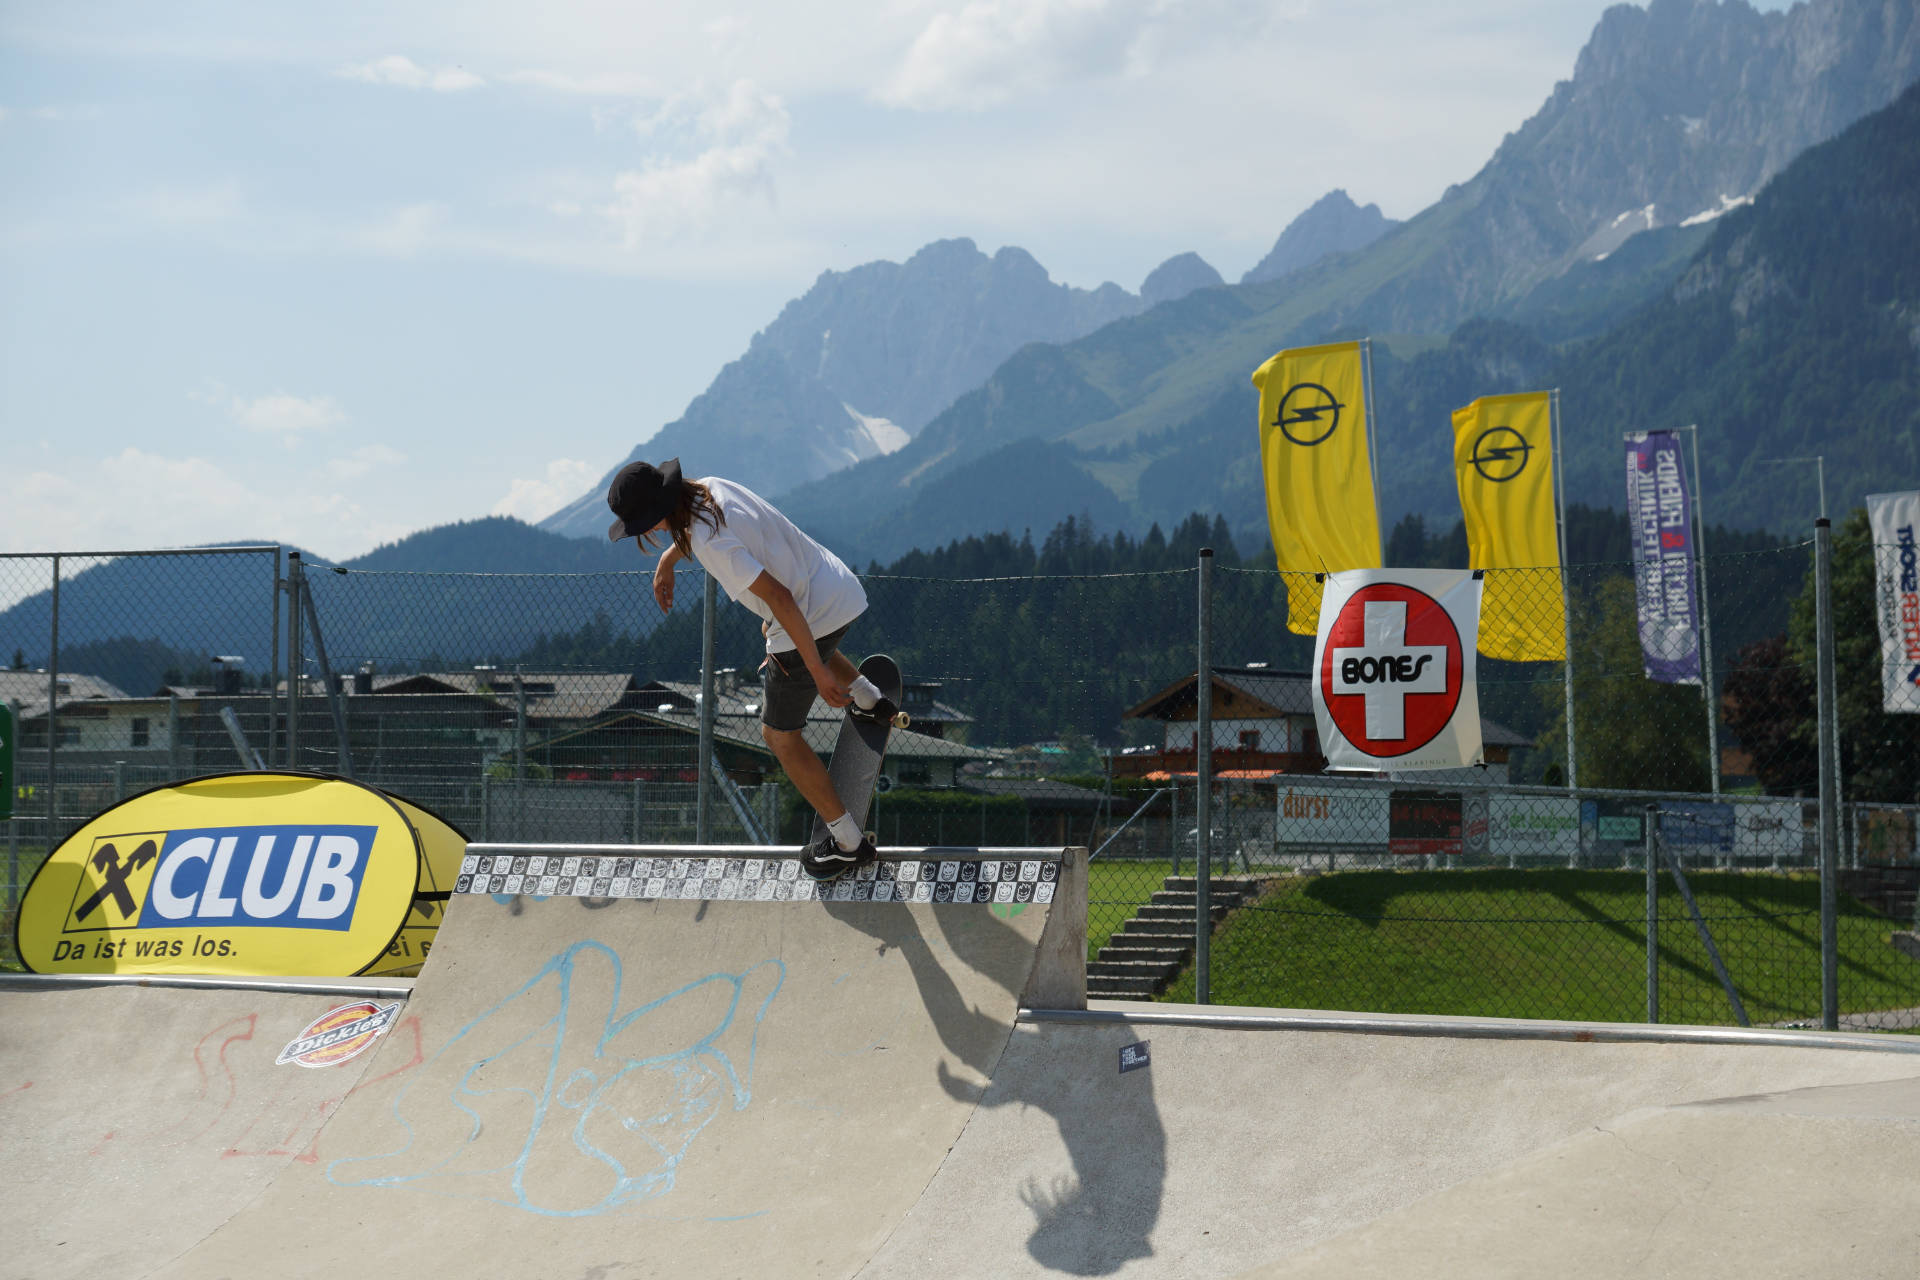 skateboardheadz st johann in tirol kgt 2019 finale 00040